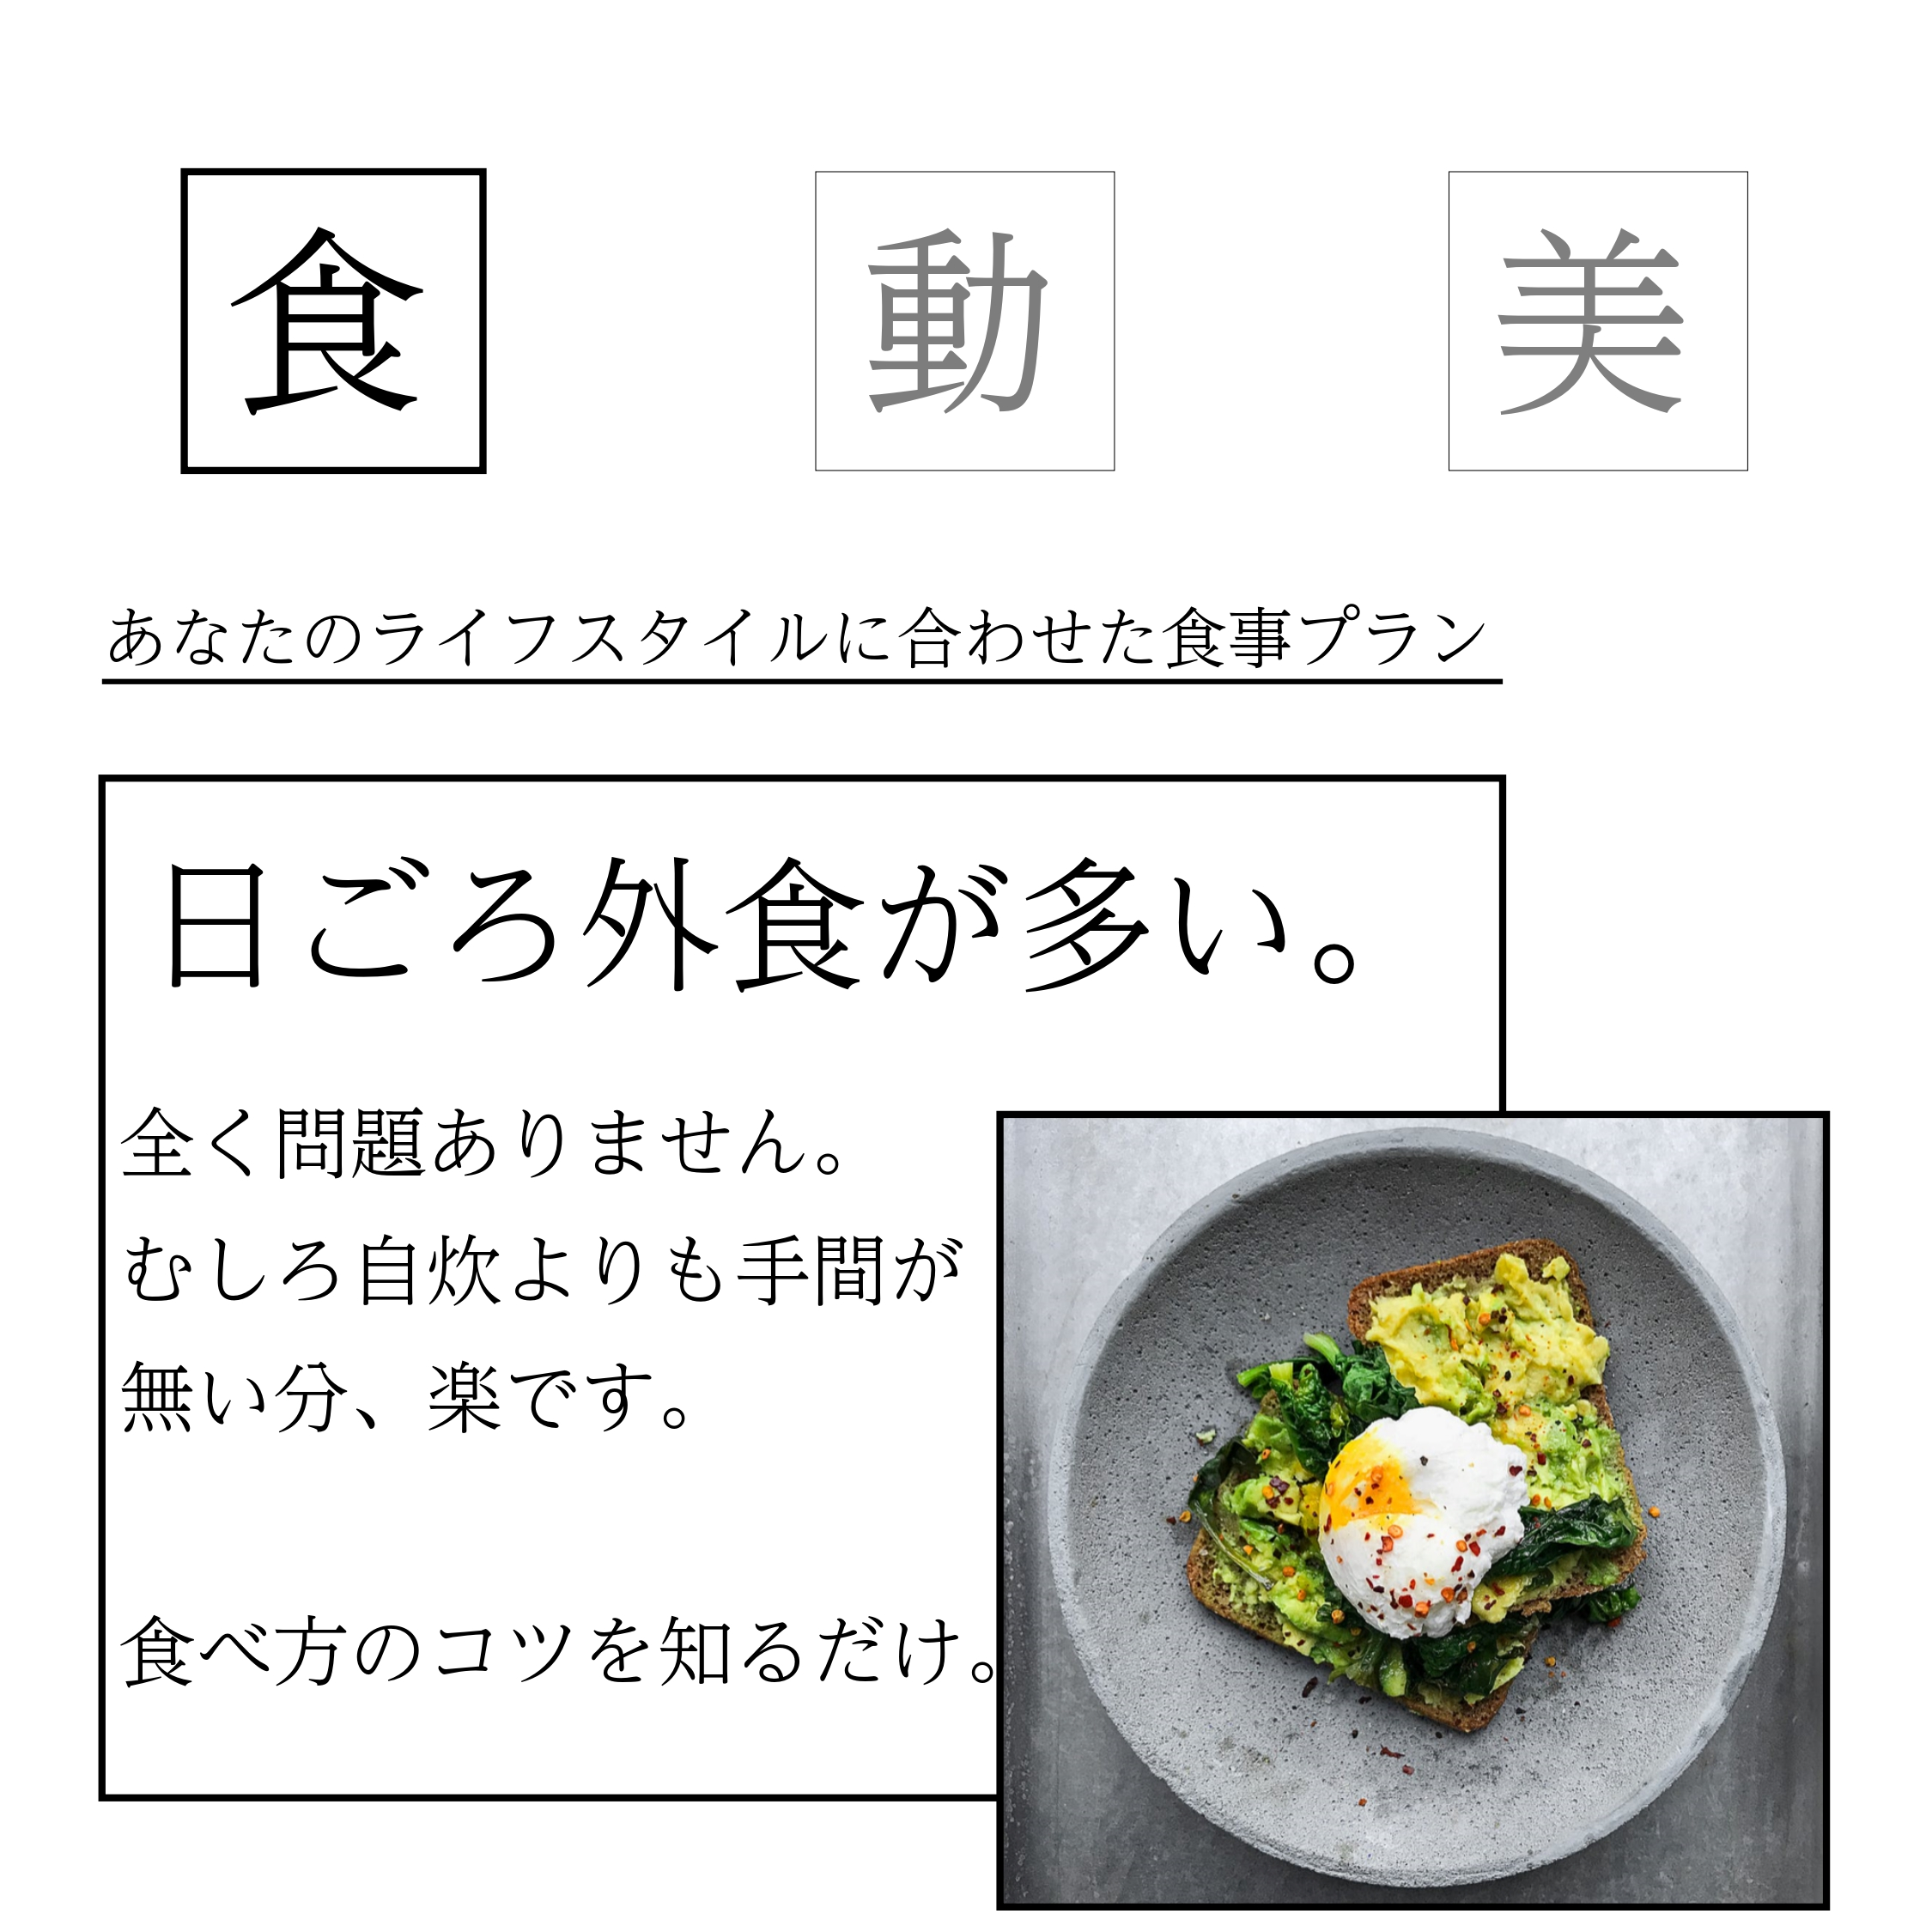 食_page-0001